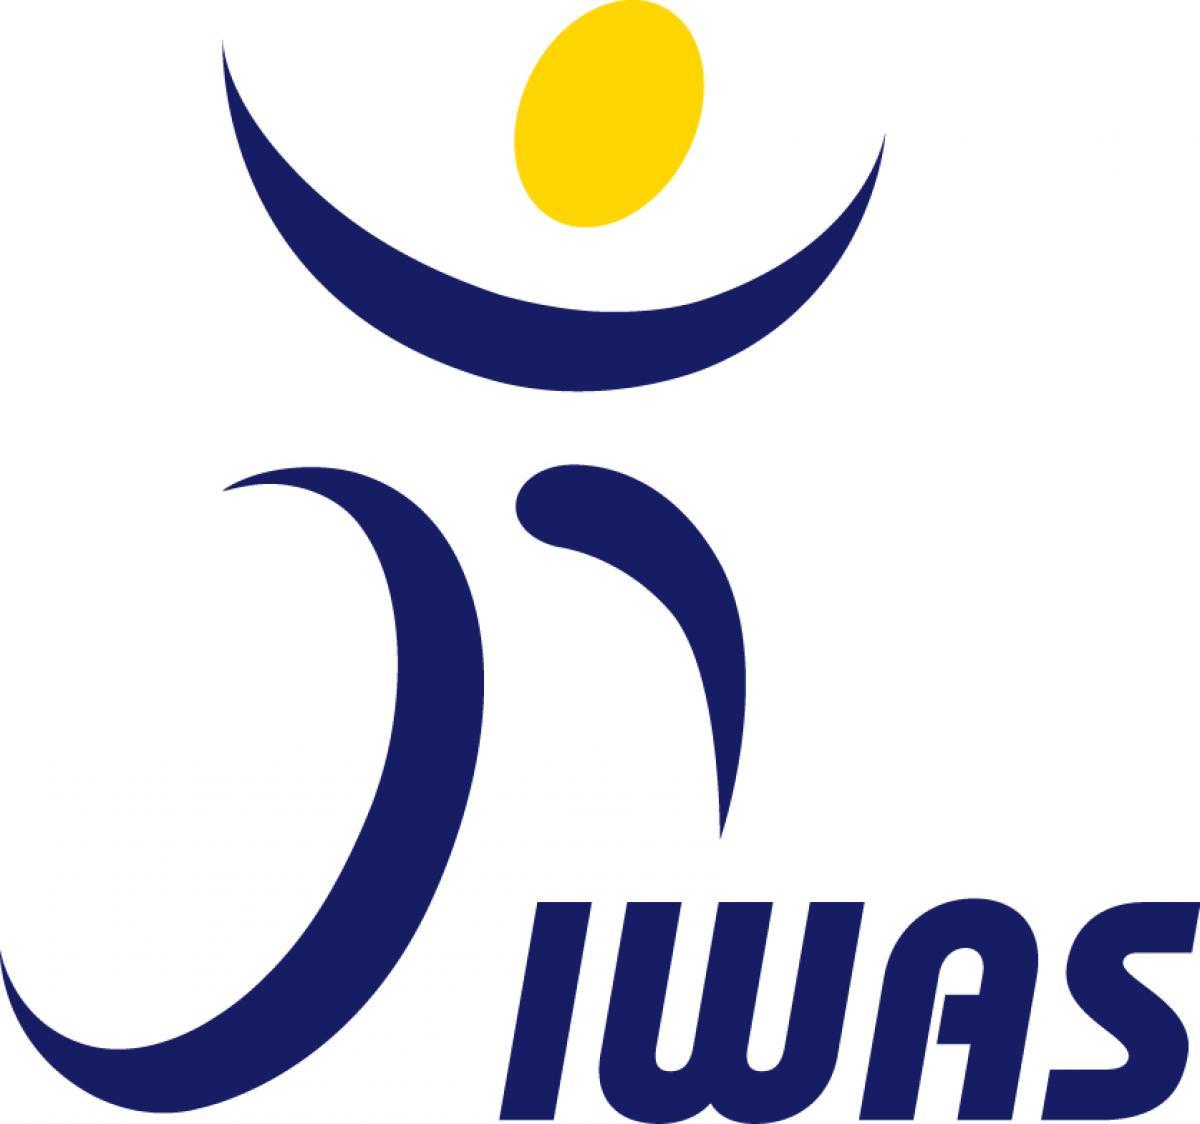 Чемпионаты мира в категории С и командной сабле, а также Кубок мира по фехтованию на колясках в Польше перенесены